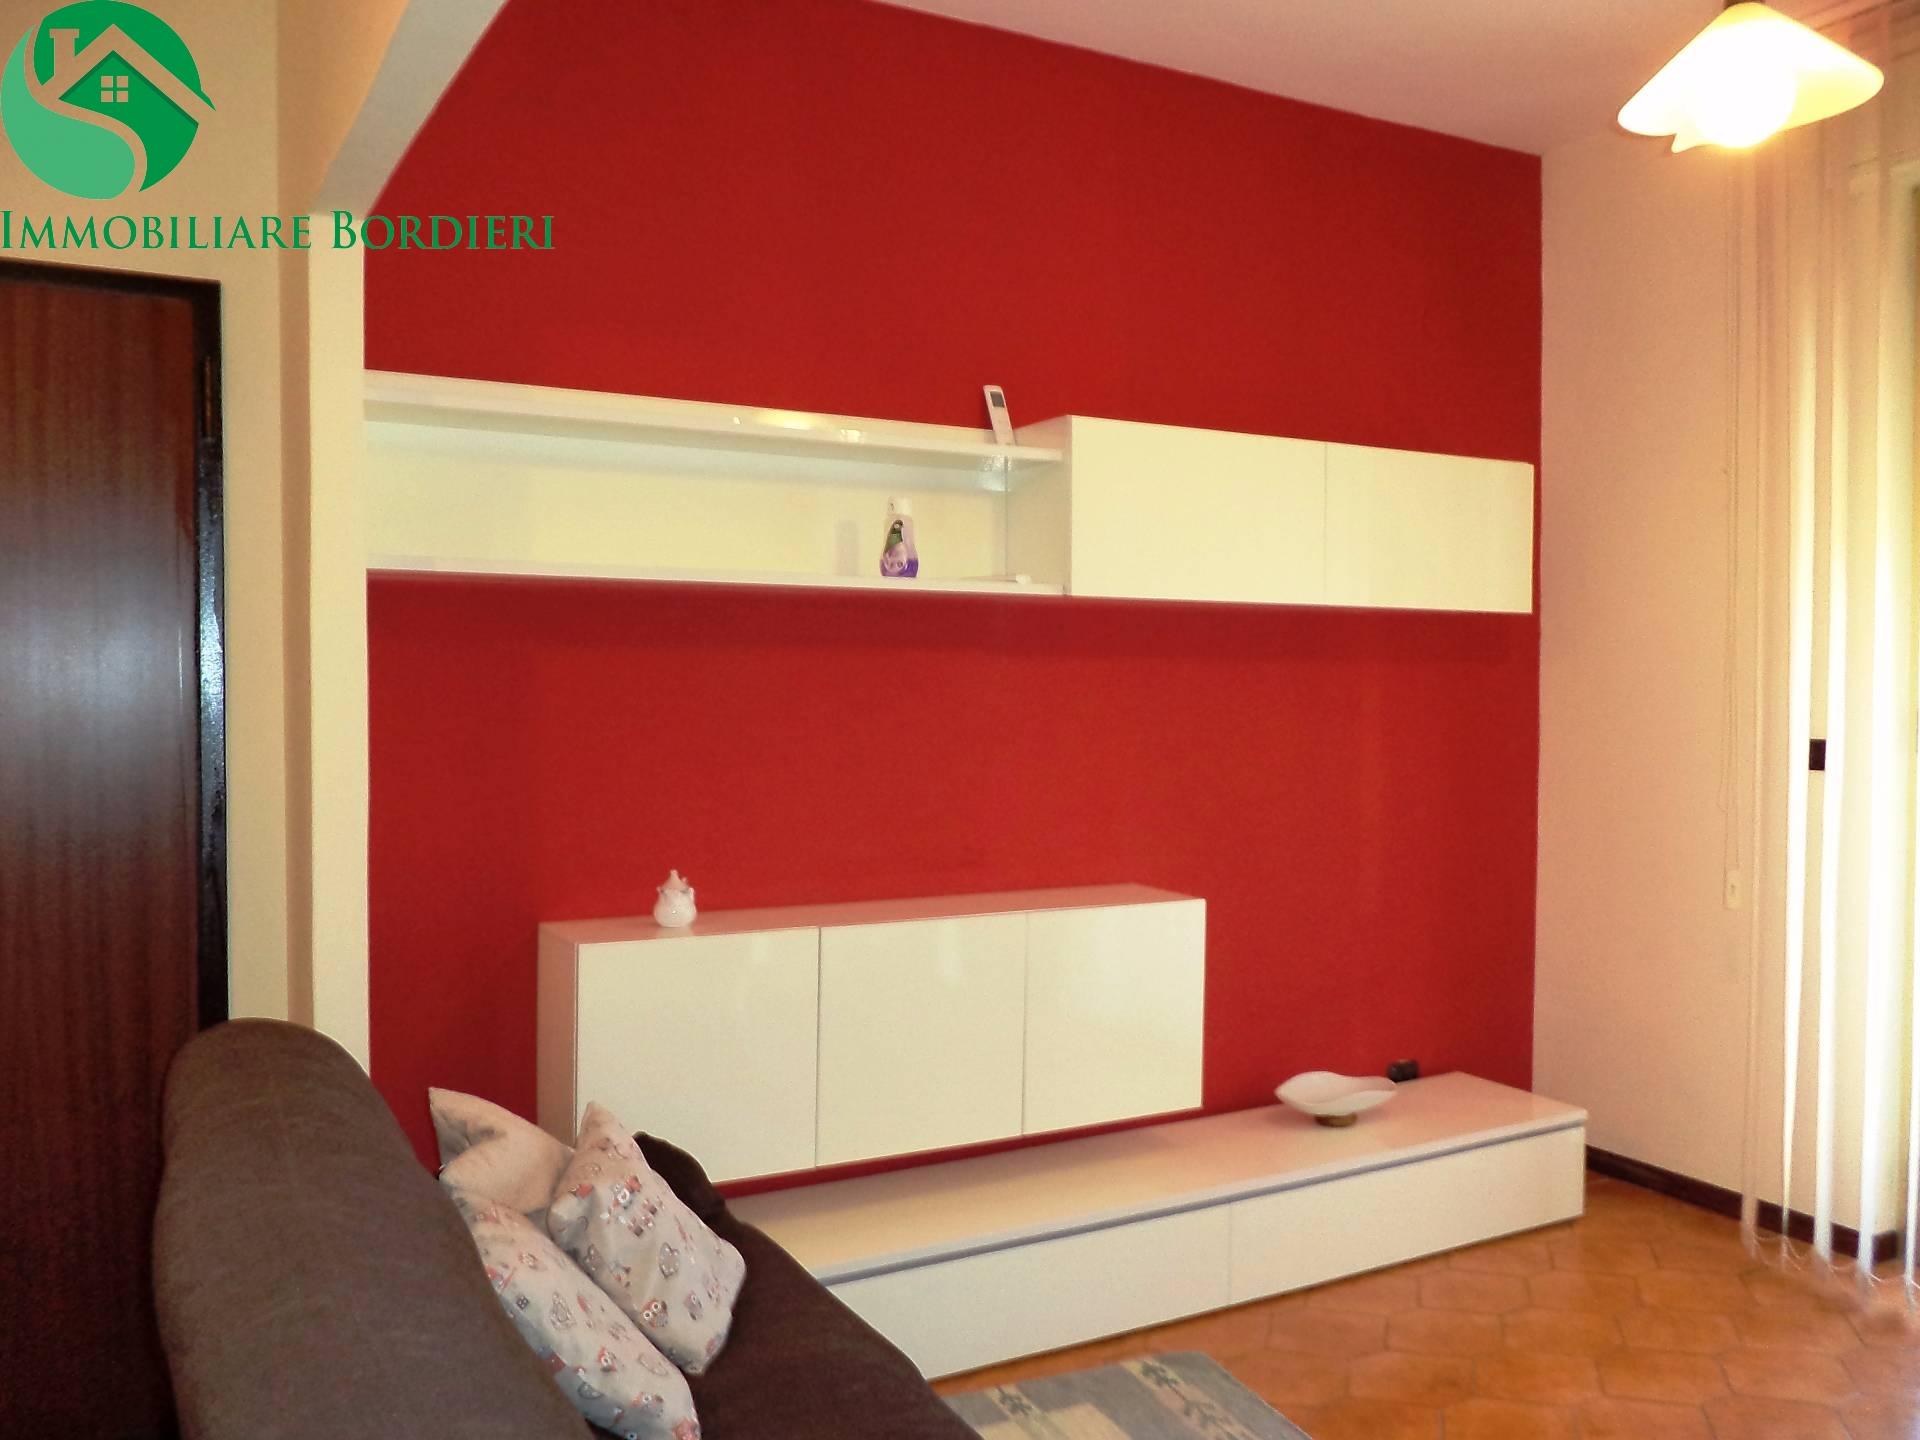 Appartamento in affitto a Siracusa, 2 locali, zona Località: SanGiovanni, prezzo € 600 | CambioCasa.it